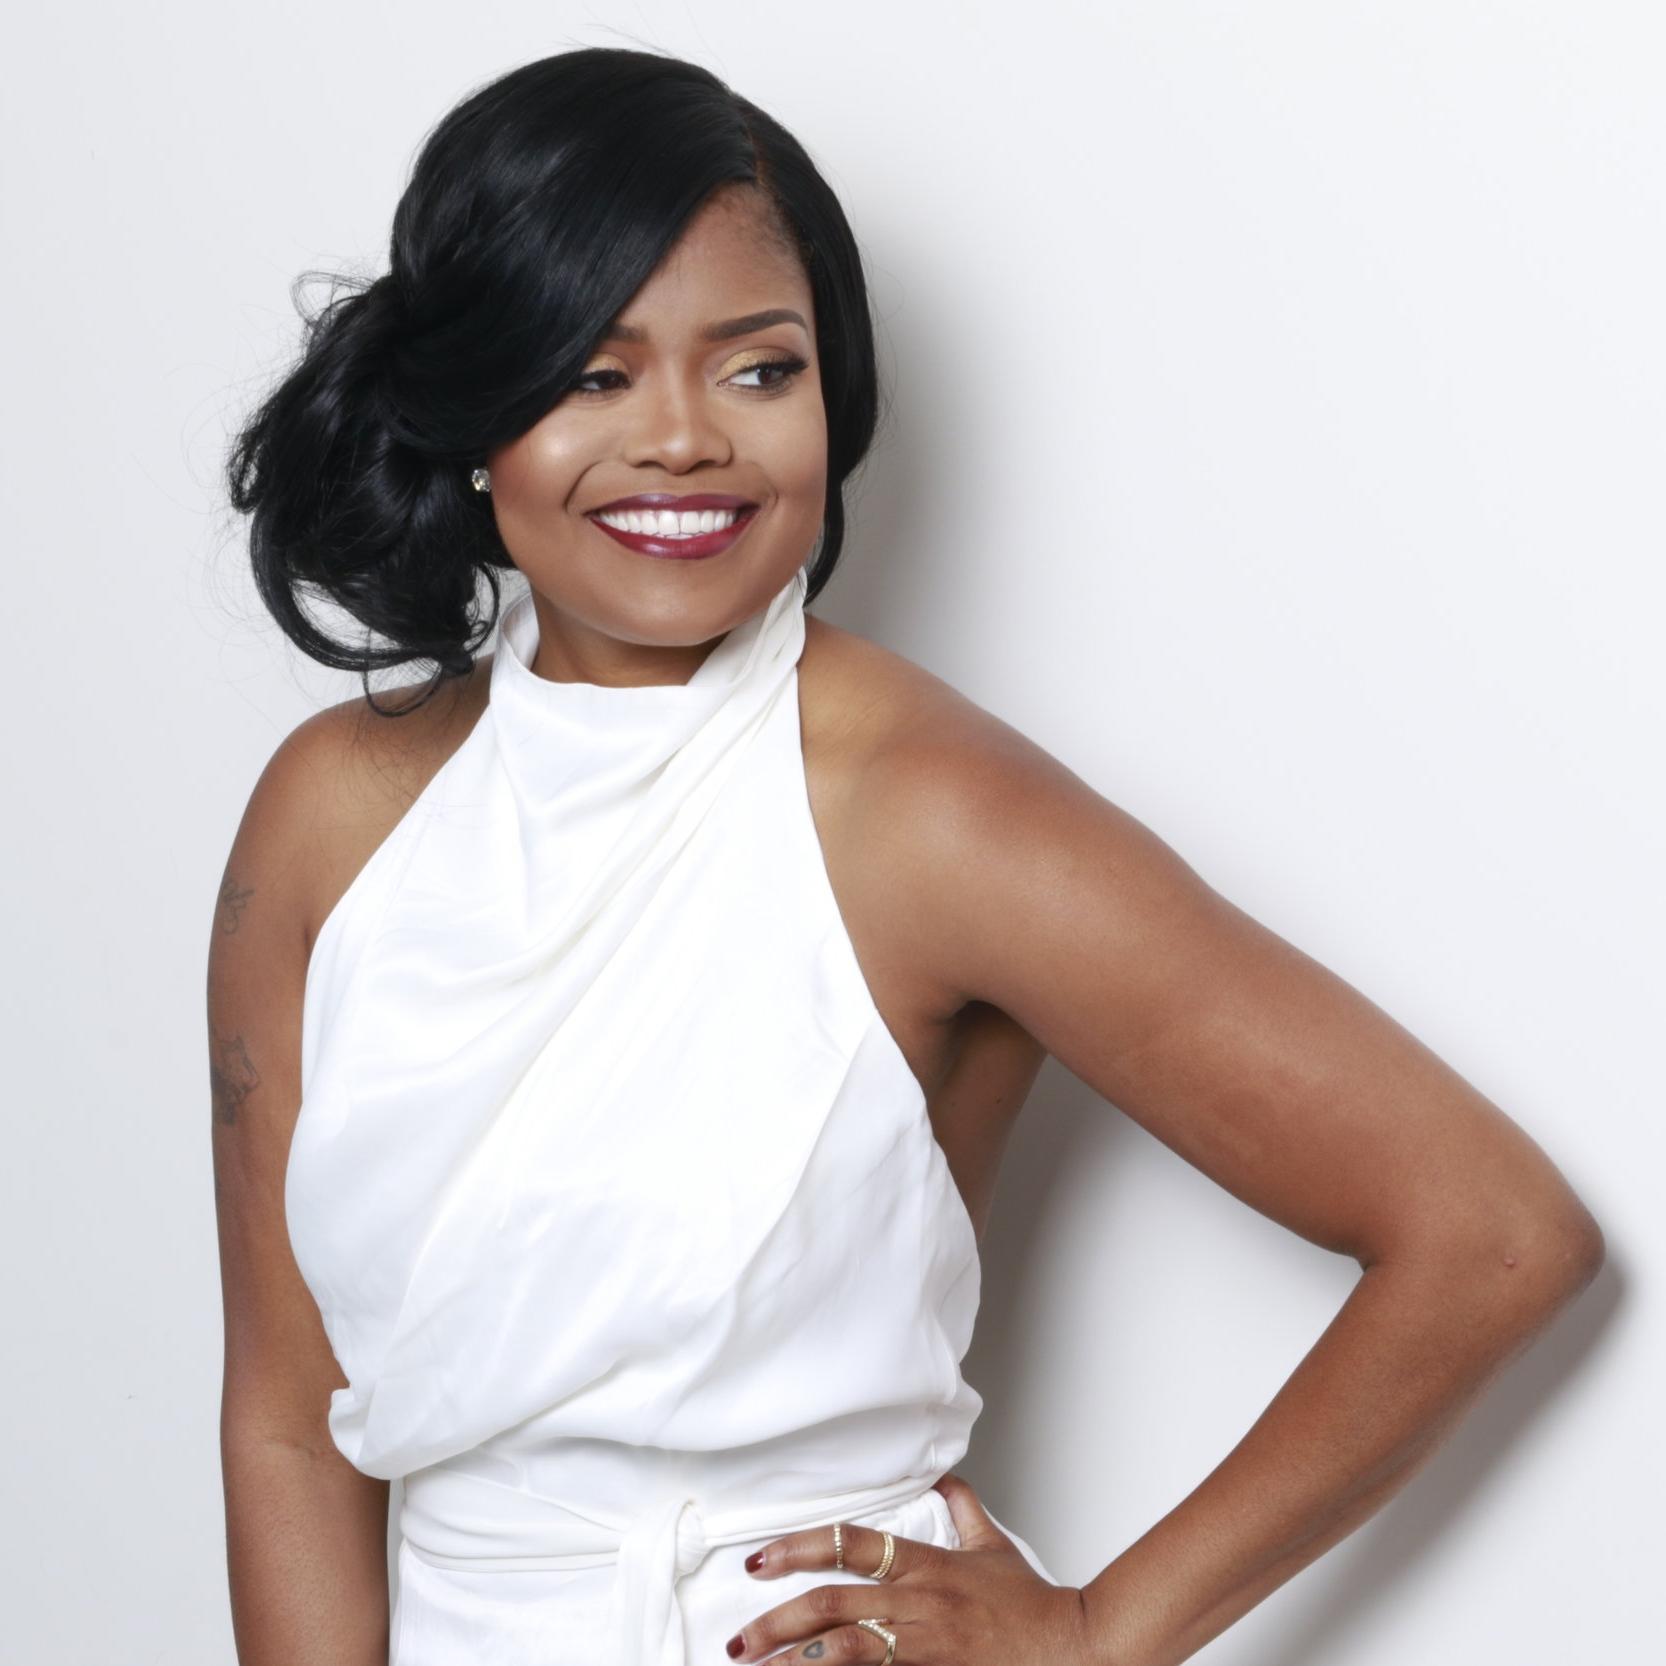 KAREN CIVIL - Author, Entrepreneur, Host, Media Maven, Brand Curator